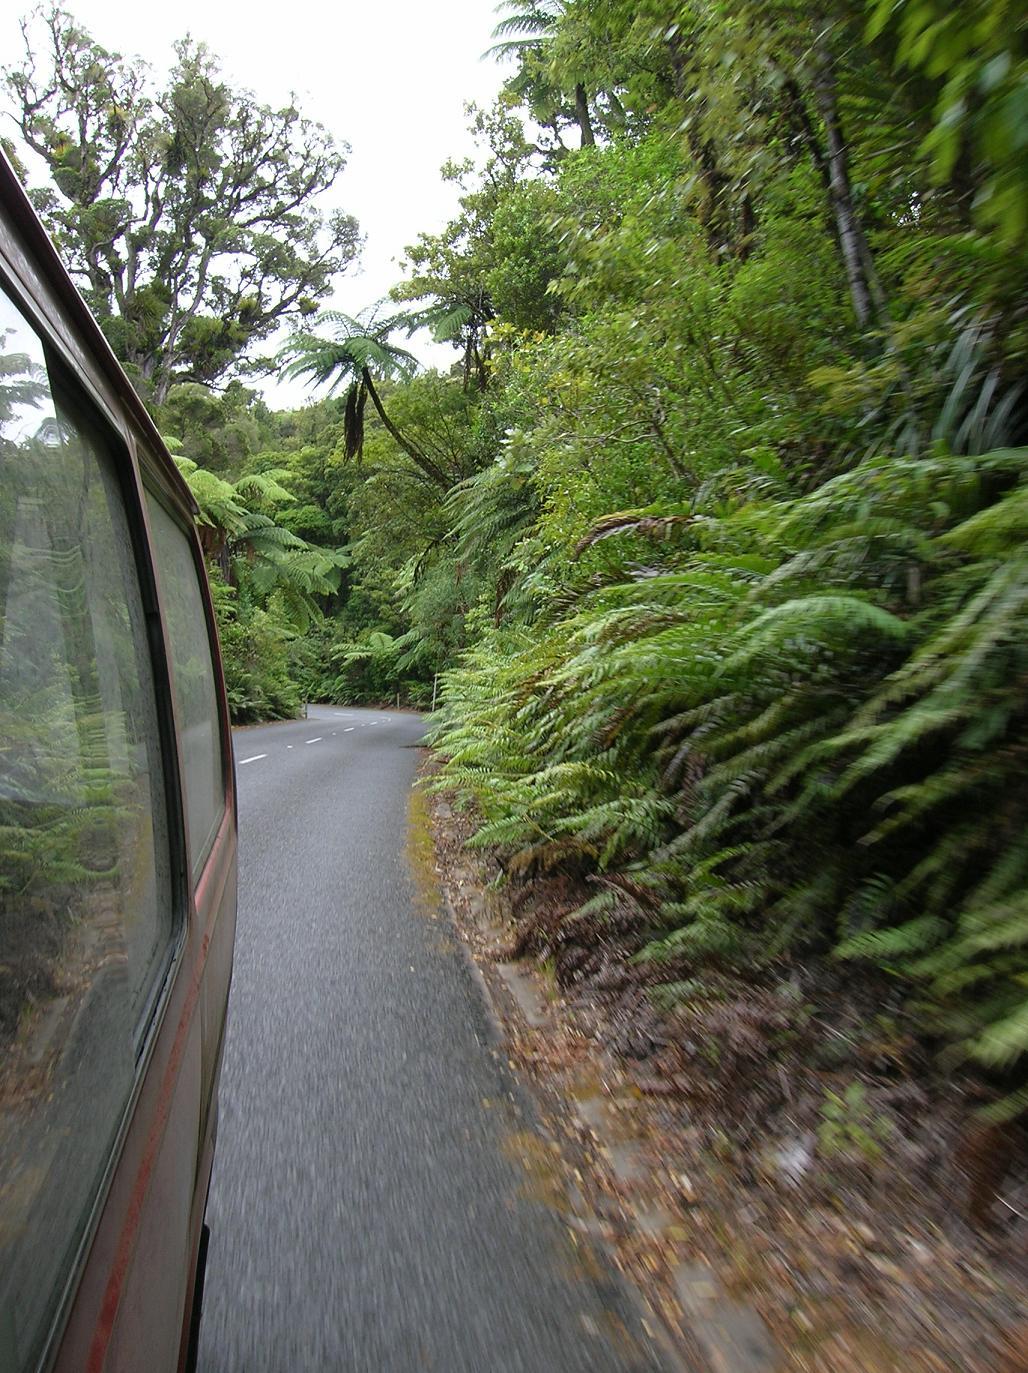 Auf dem Highway durch den Wald